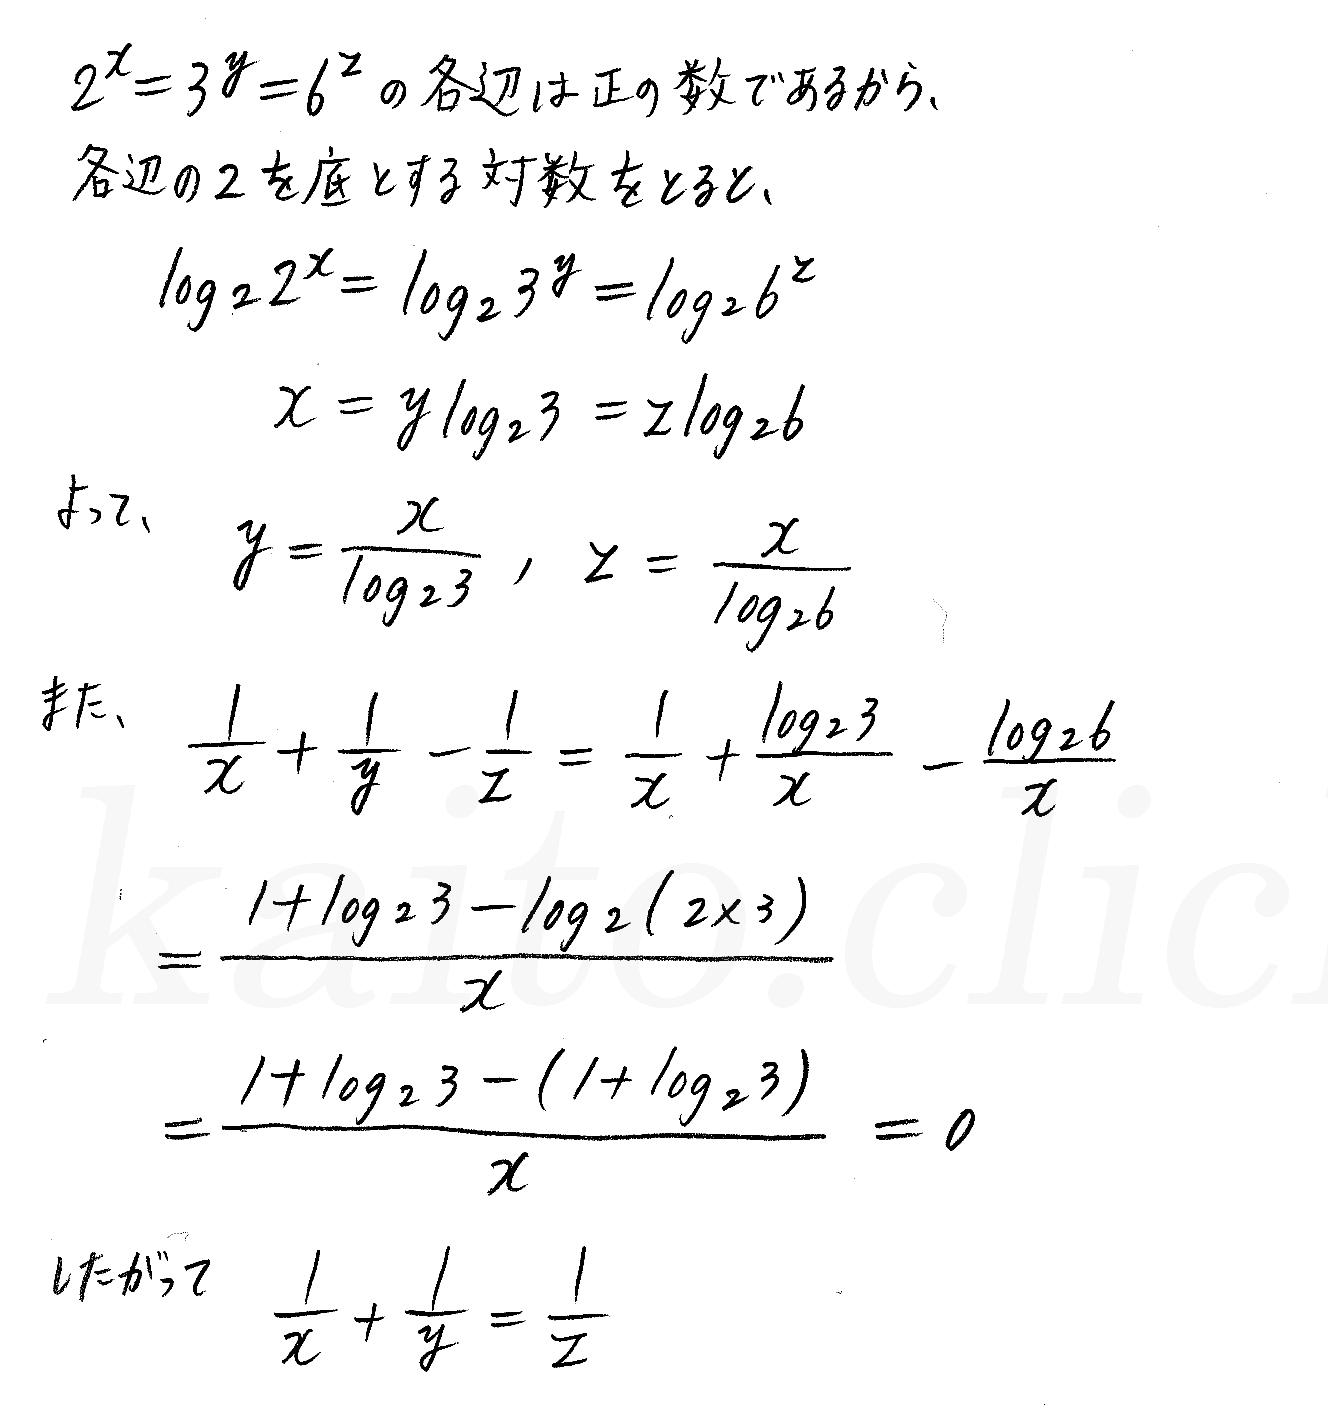 クリアー数学2-348解答